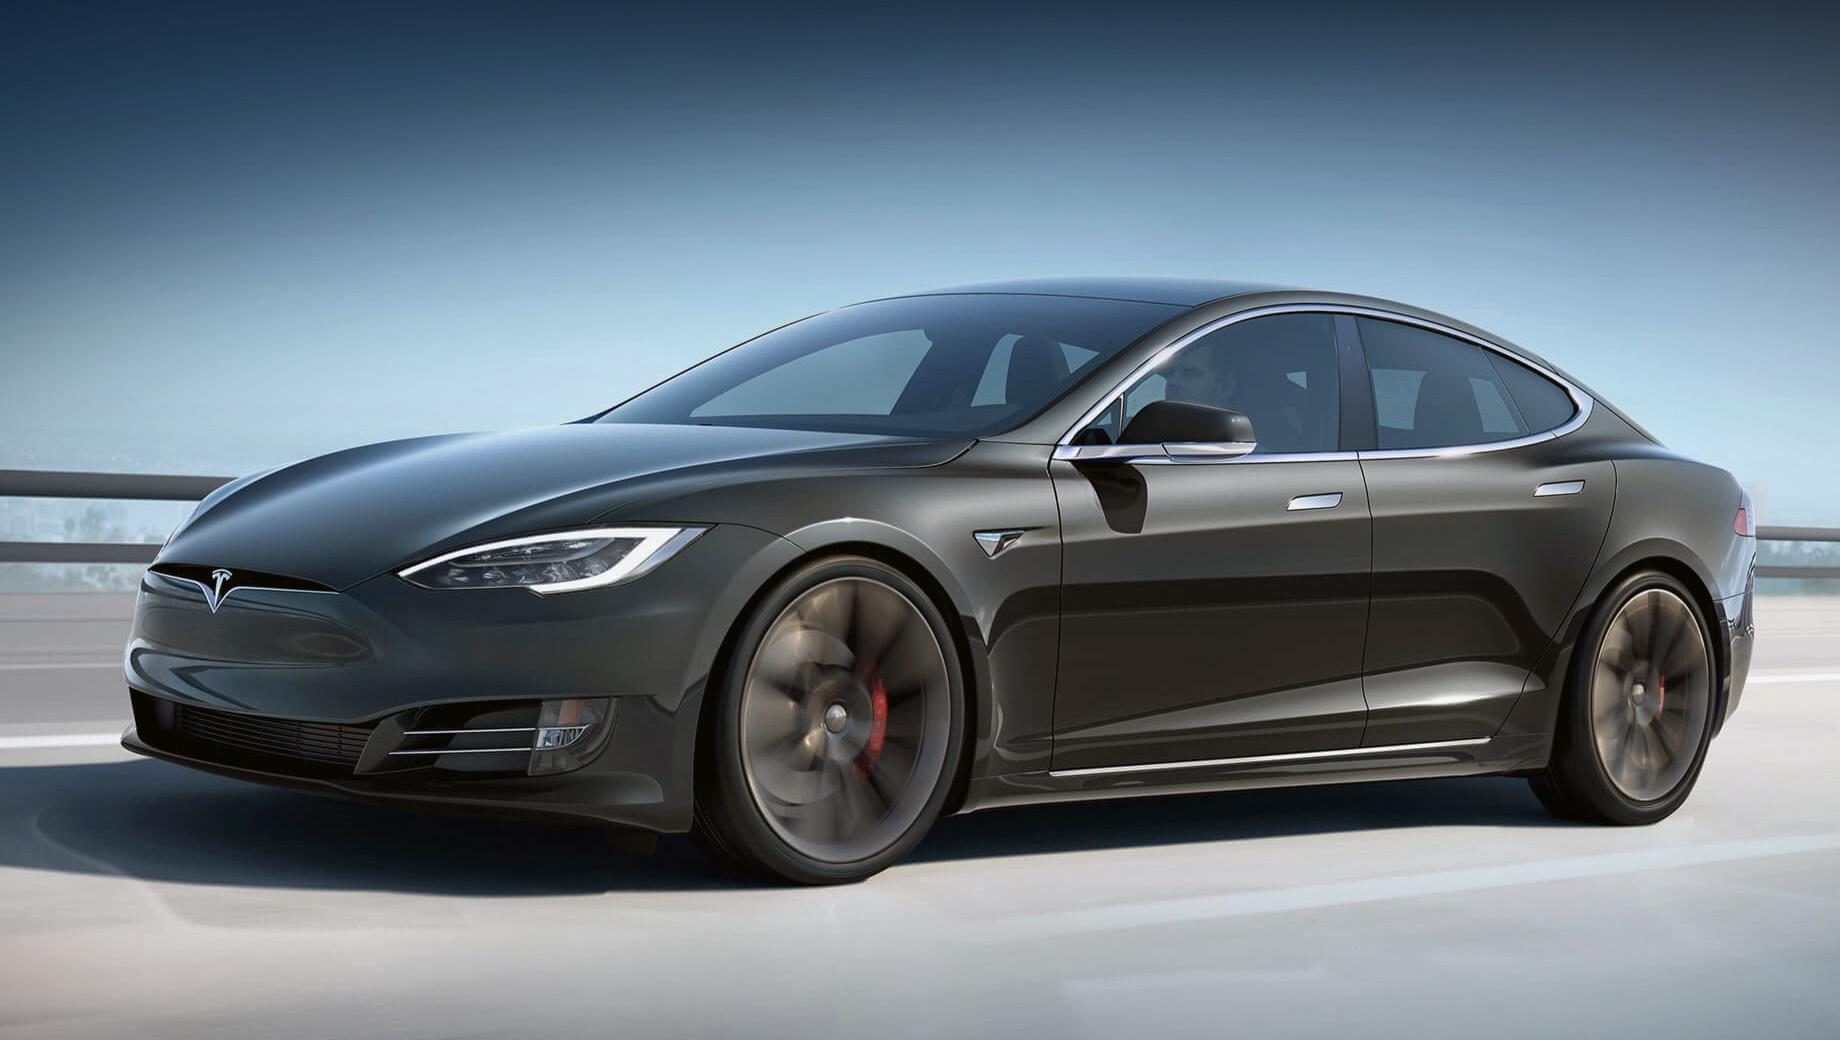 Tesla model s,Tesla model x. В Соединённых Штатах самая быстрая Tesla Model S Performance стоит сейчас $94 490 (7 млн рублей). Предположительно, у такой машины до обновления было 805 л.с. и 1373 Н•м. Porsche Taycan 4S с 530-сильным мотором стоит от 103 800 (7,7 млн рублей).